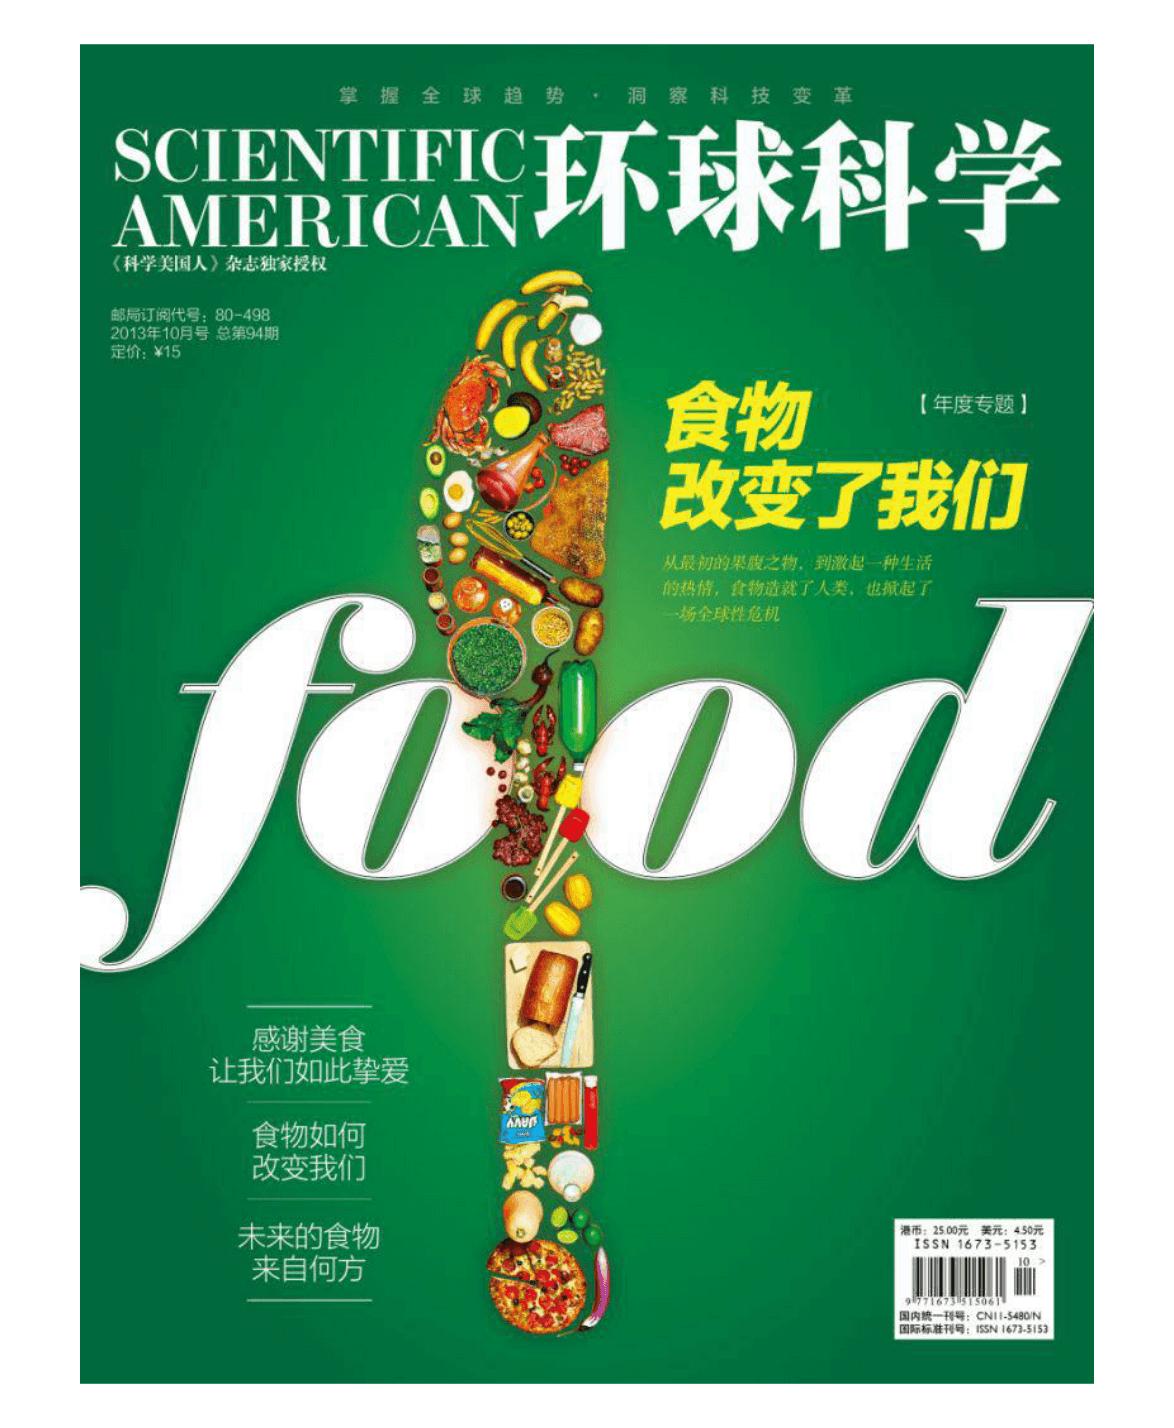 【中文】《环球科学》--中刊